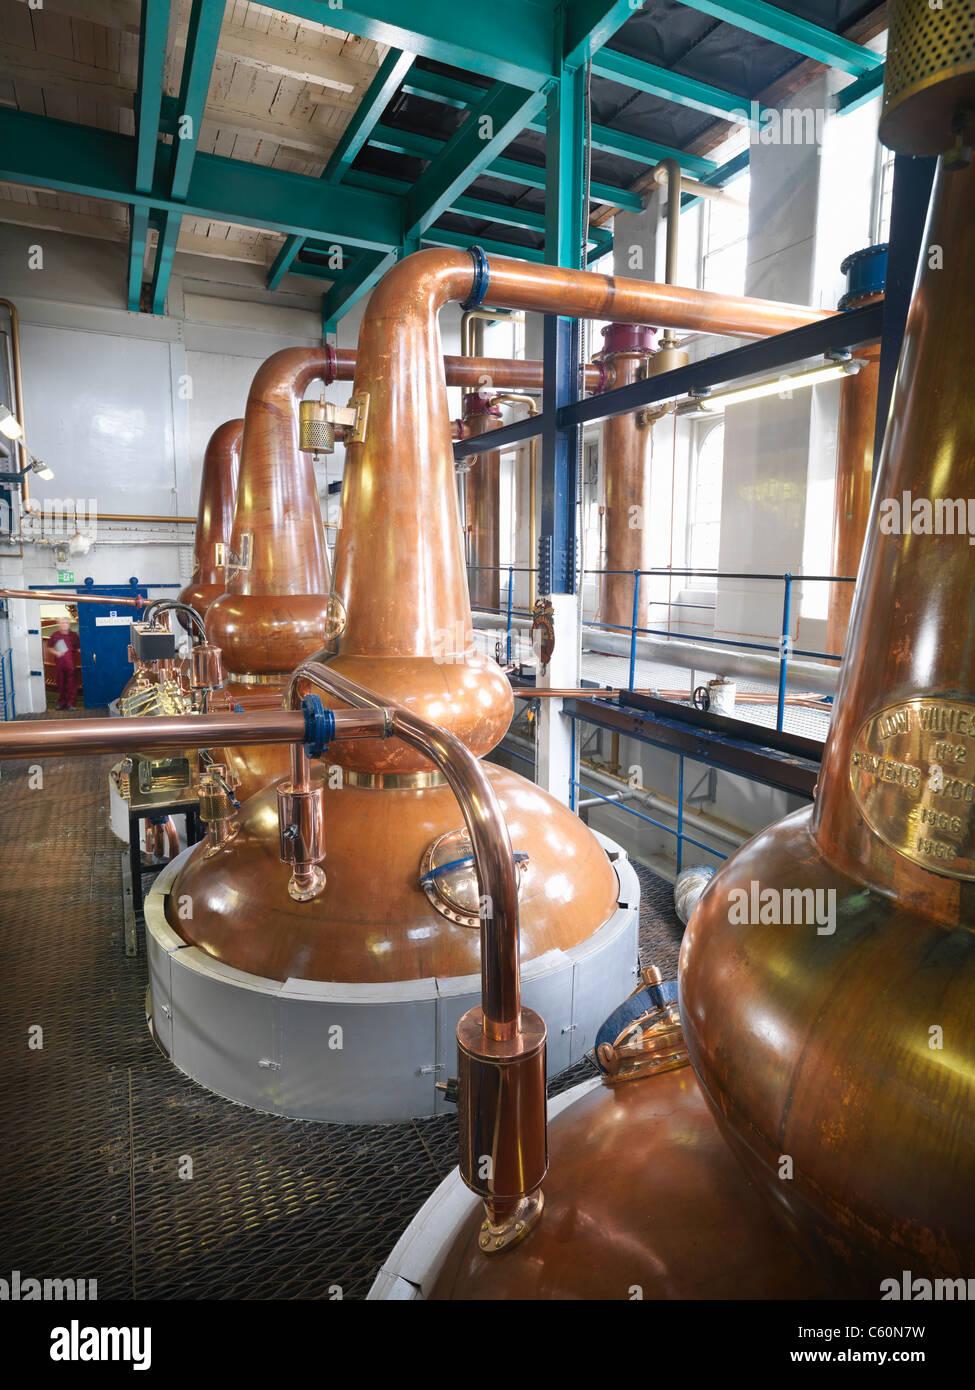 Whisky stills in distillery - Stock Image